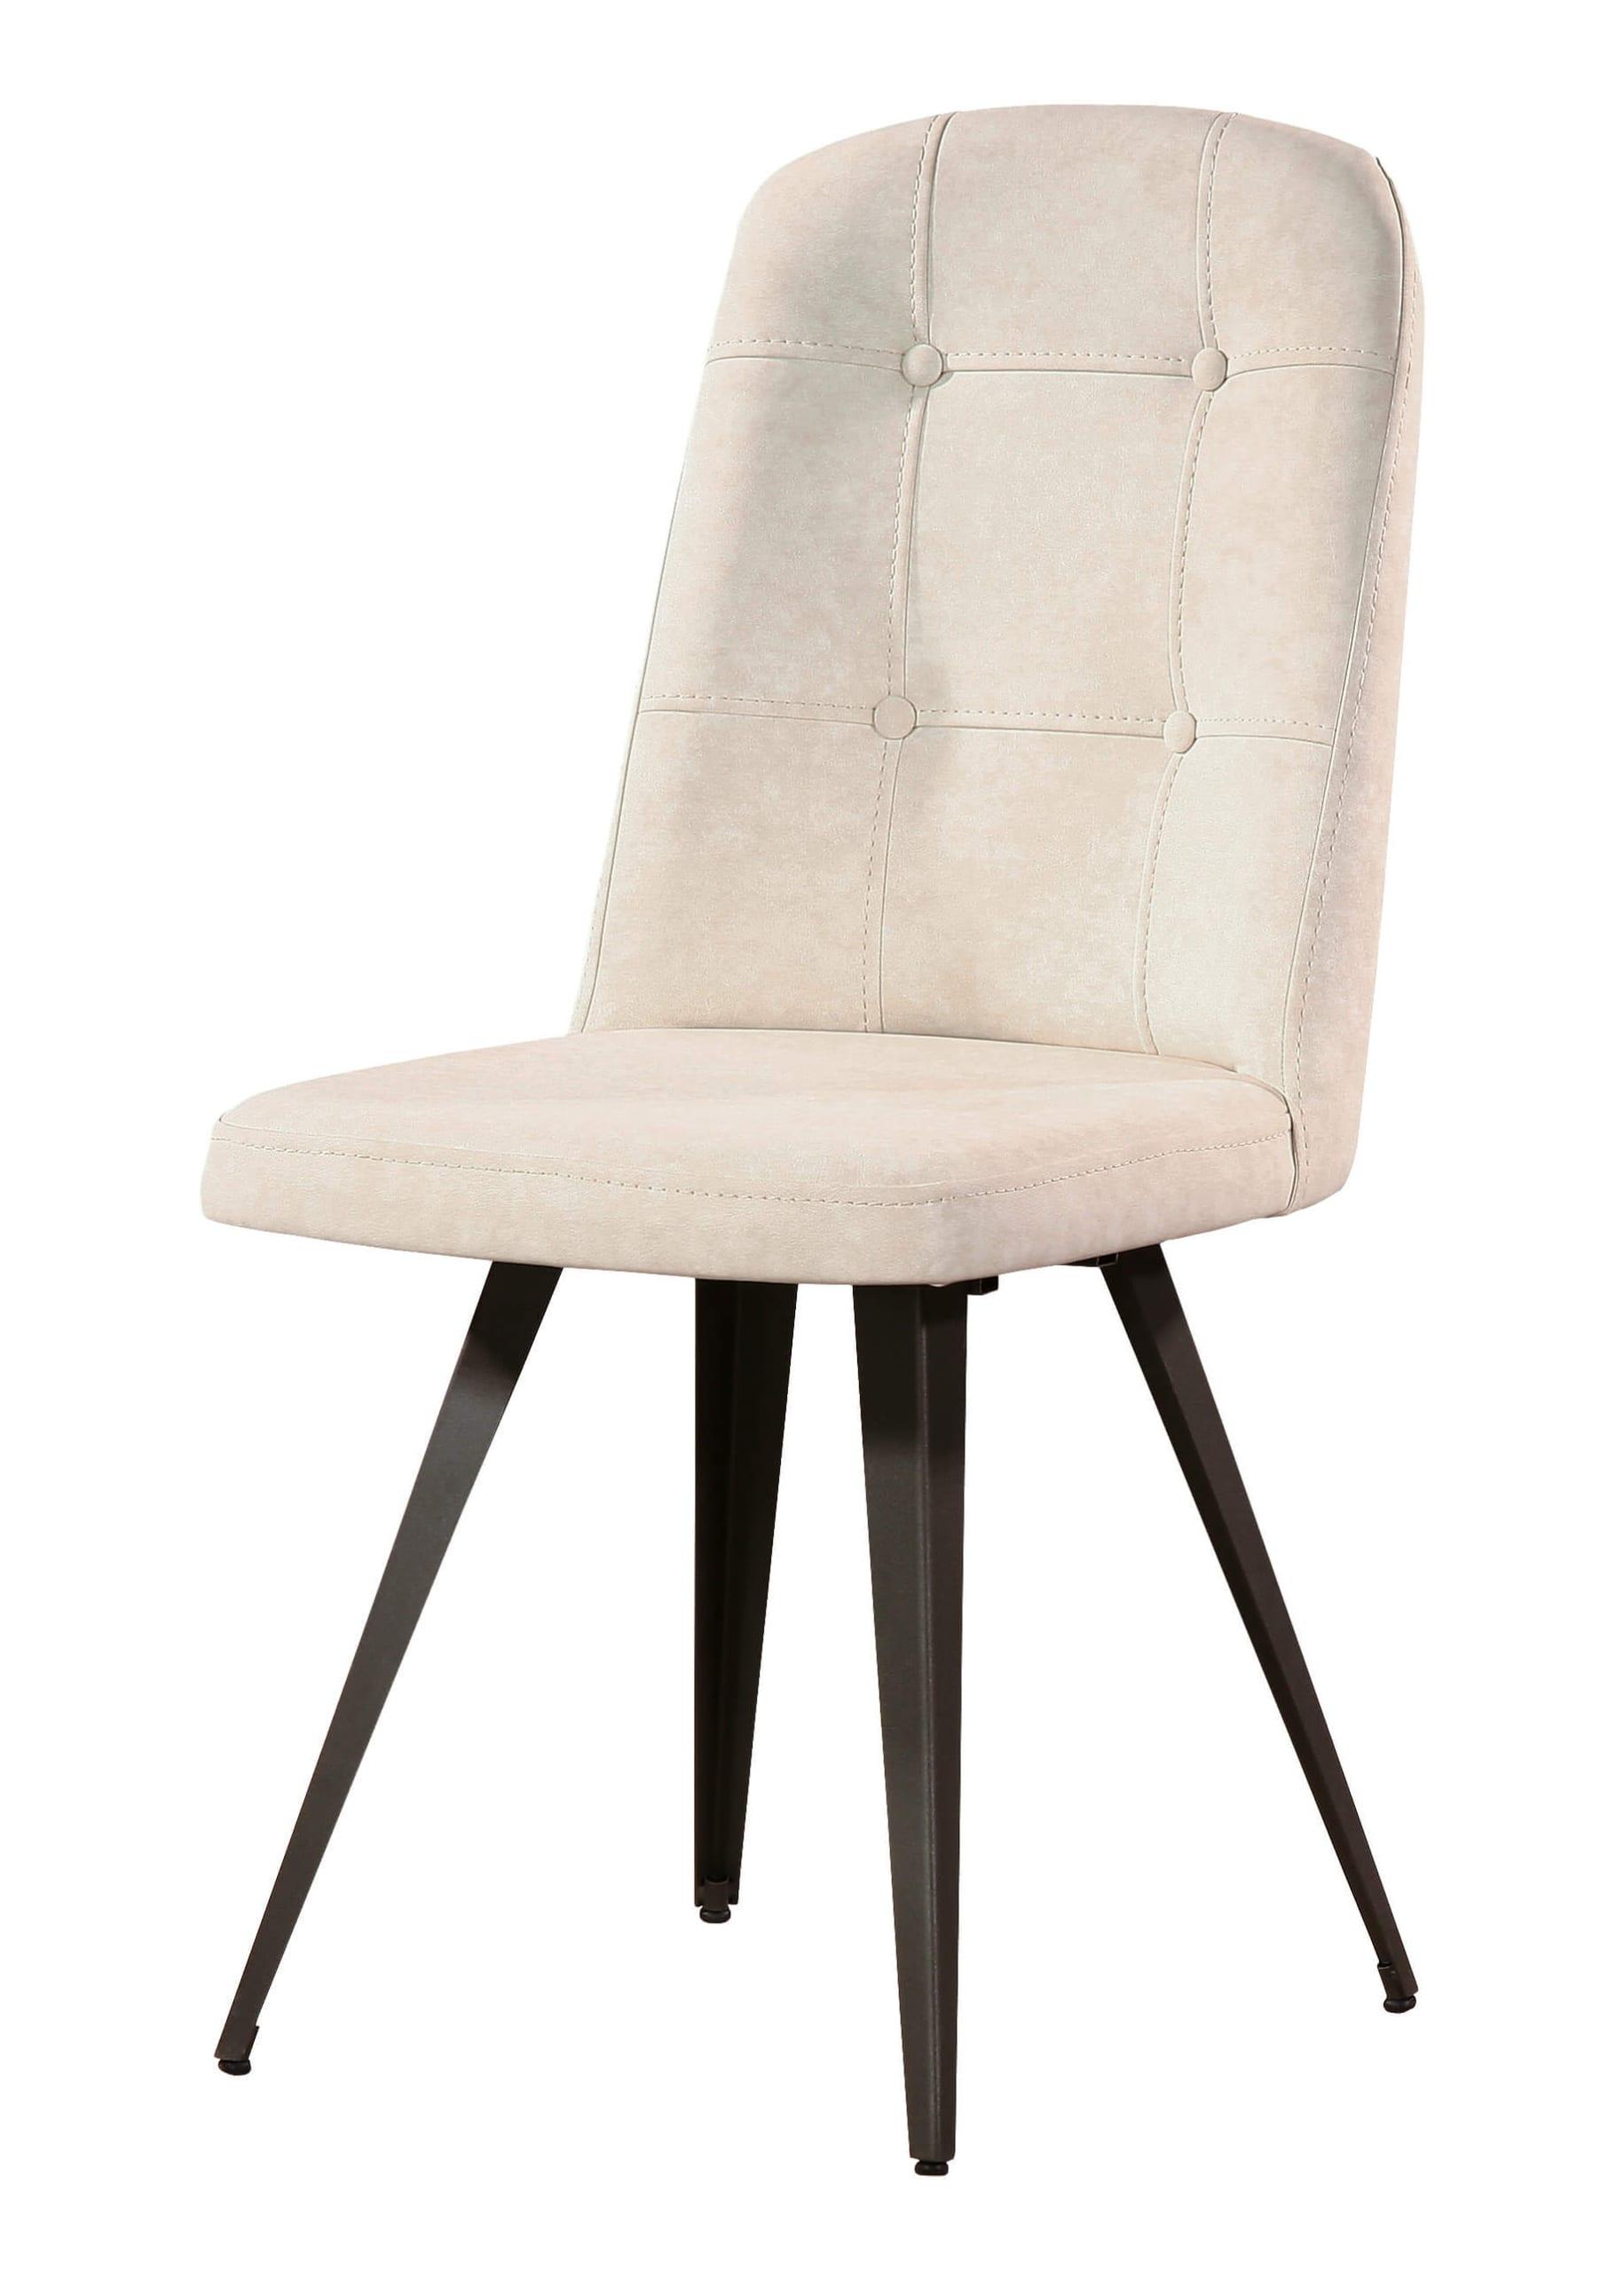 Καρέκλες Melody metal